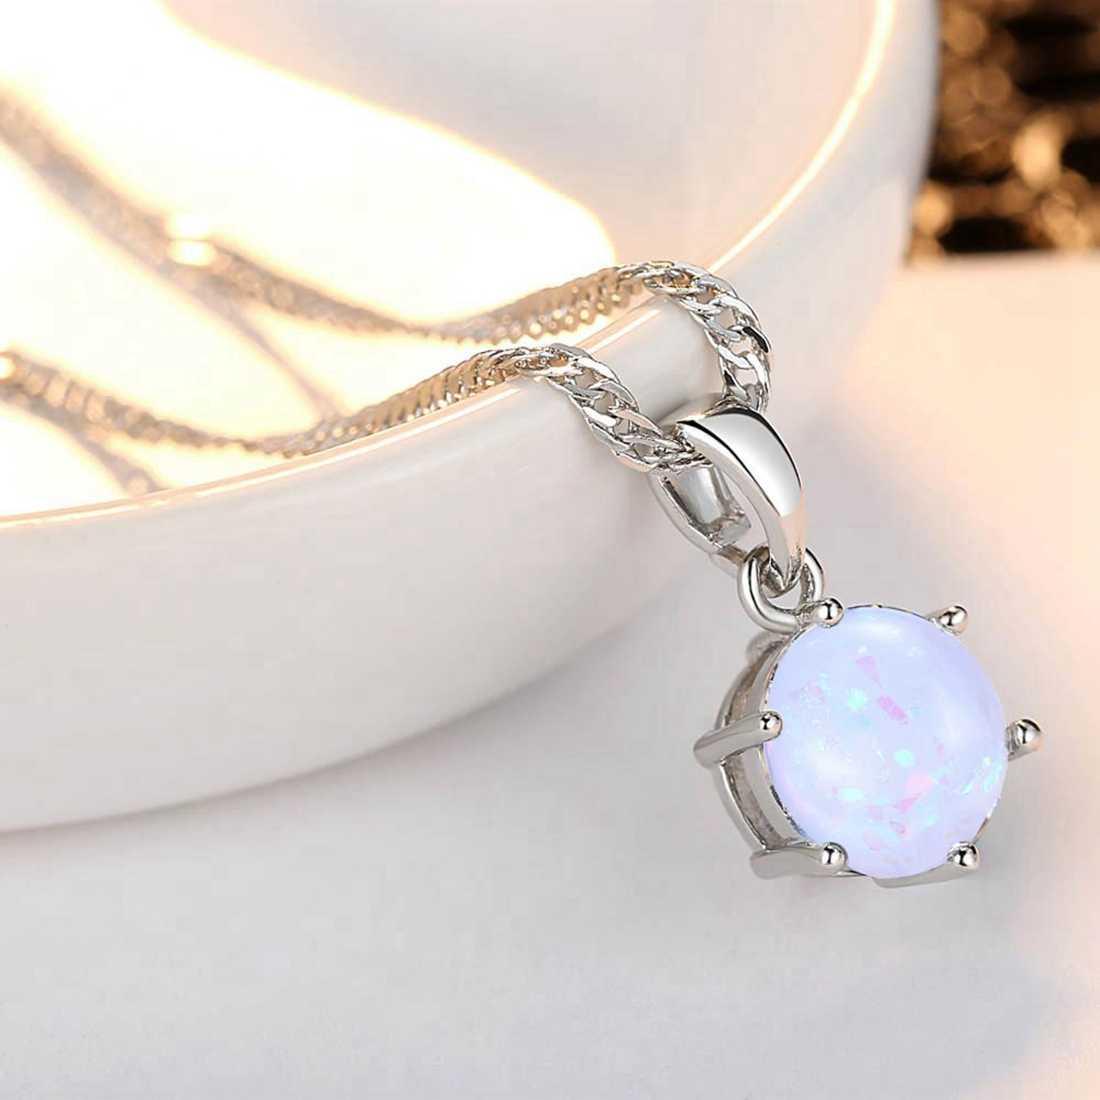 Beiver Bộ Trang Sức Opal Nữ Hình Tròn Mặt Dây Chuyền Nhẫn Thời Trang Màu Bạc Dây Chuyền Bông Tai Vòng Bộ Tiệc Cưới Trang Sức